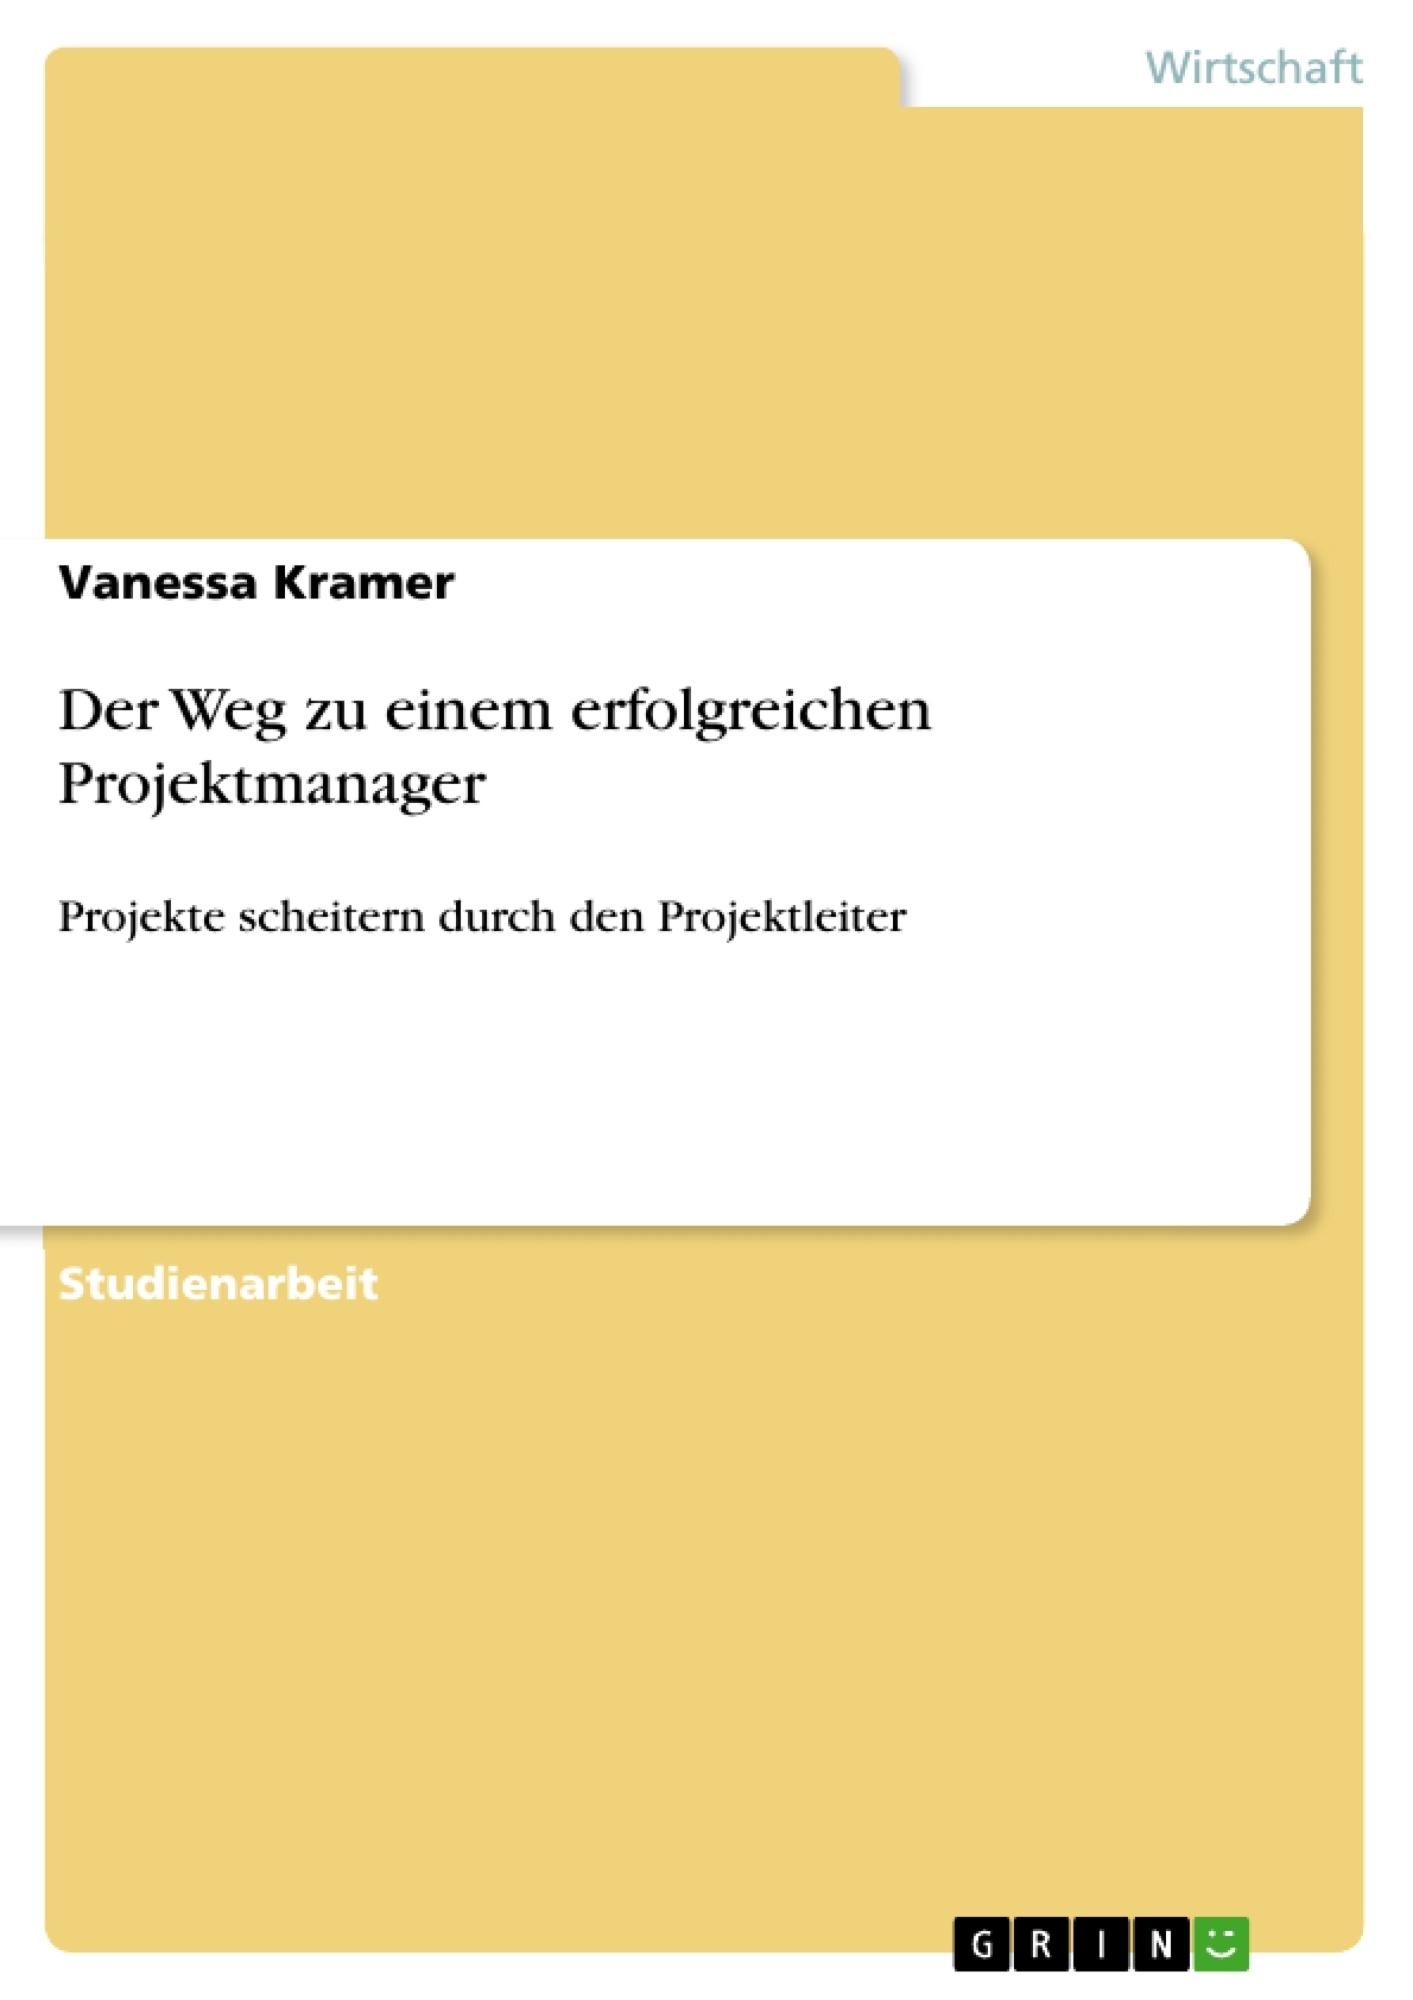 Titel: Der Weg zu einem erfolgreichen Projektmanager